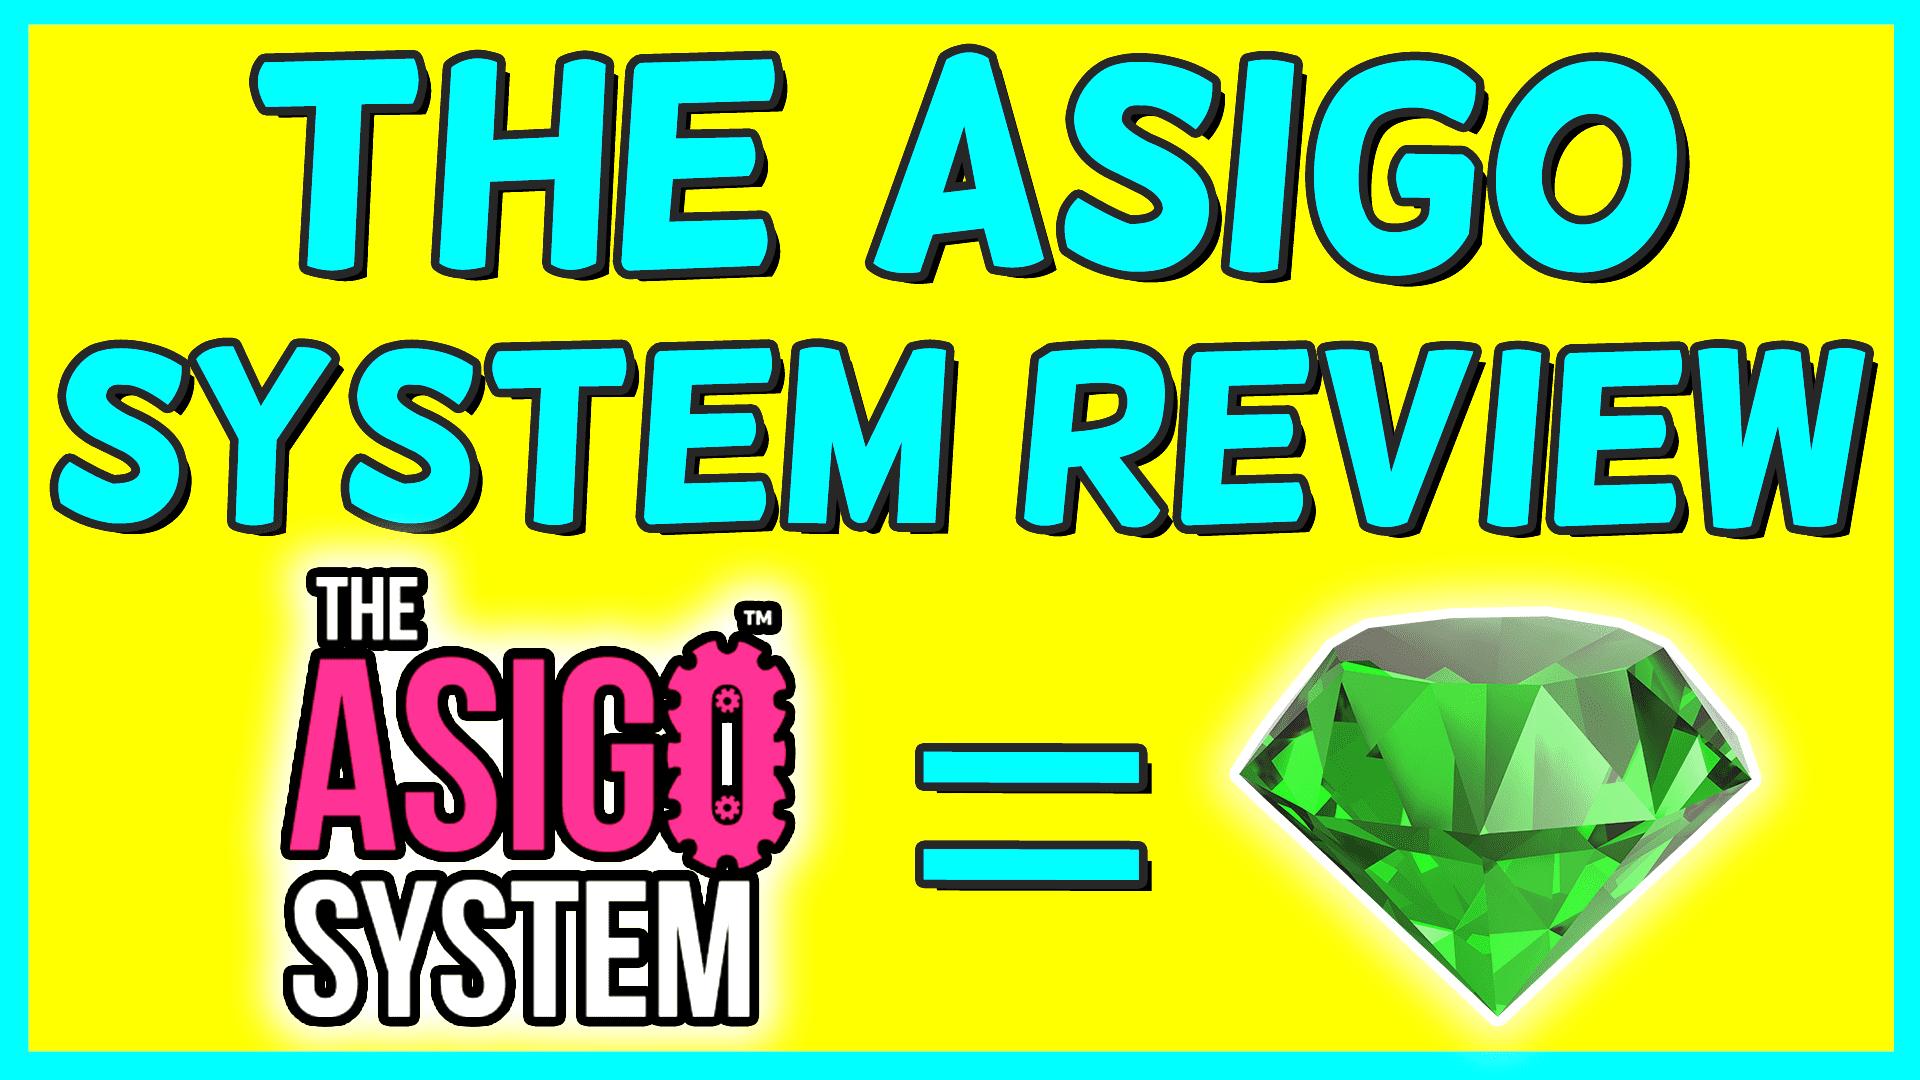 The Asigo System Review Bonus